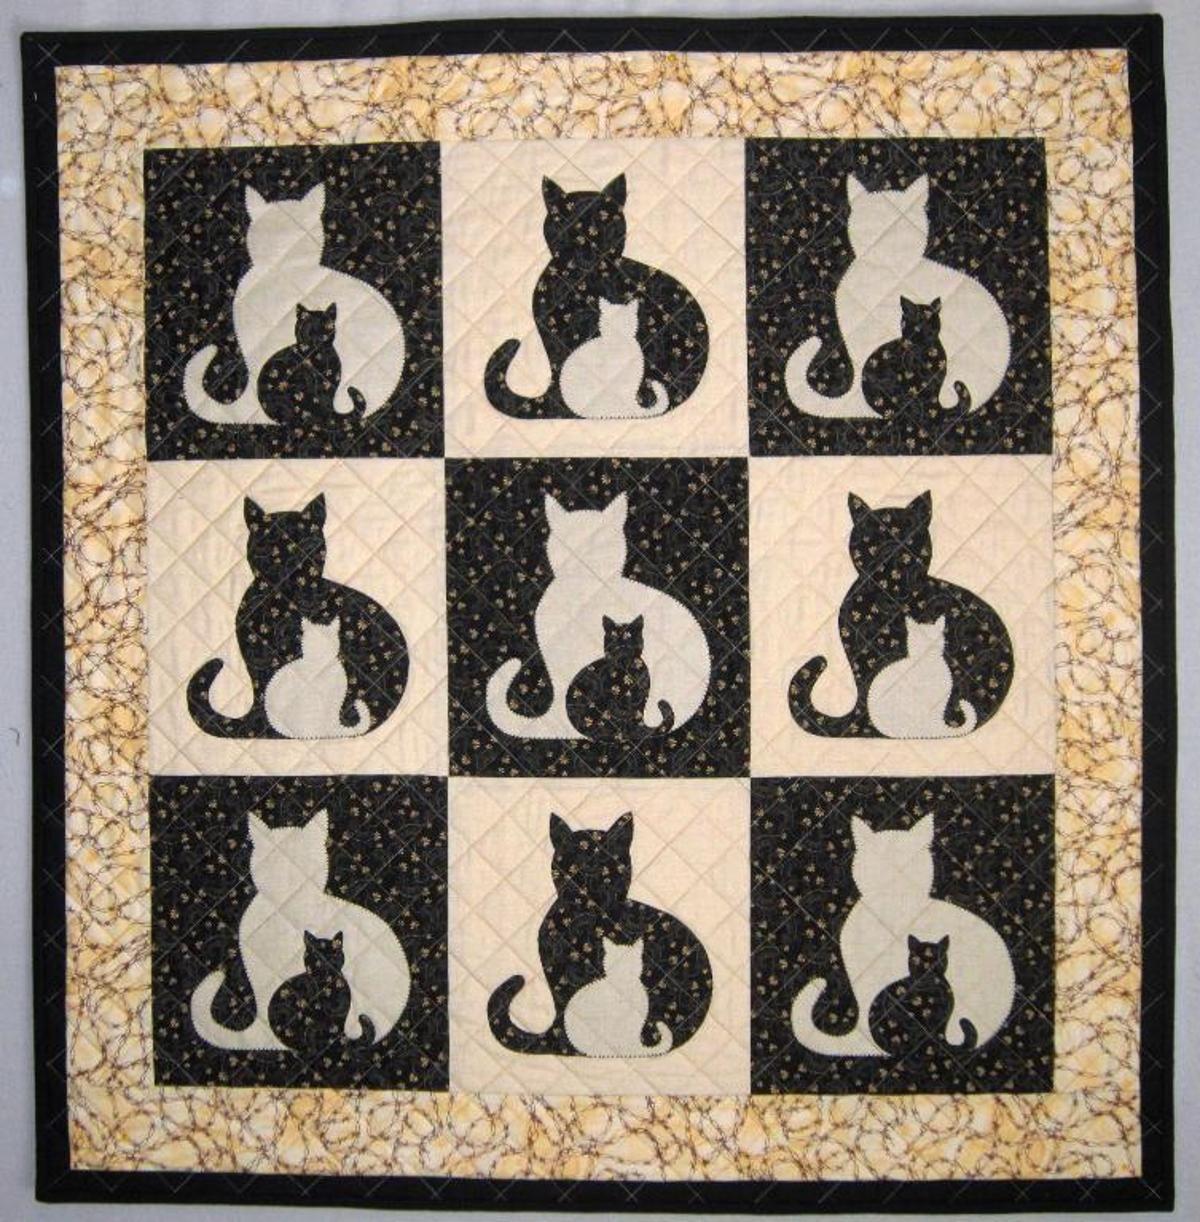 SIDEKICK Cat Applique Quilt, 5 sizes | Katzen quilt, Decken und Teppiche